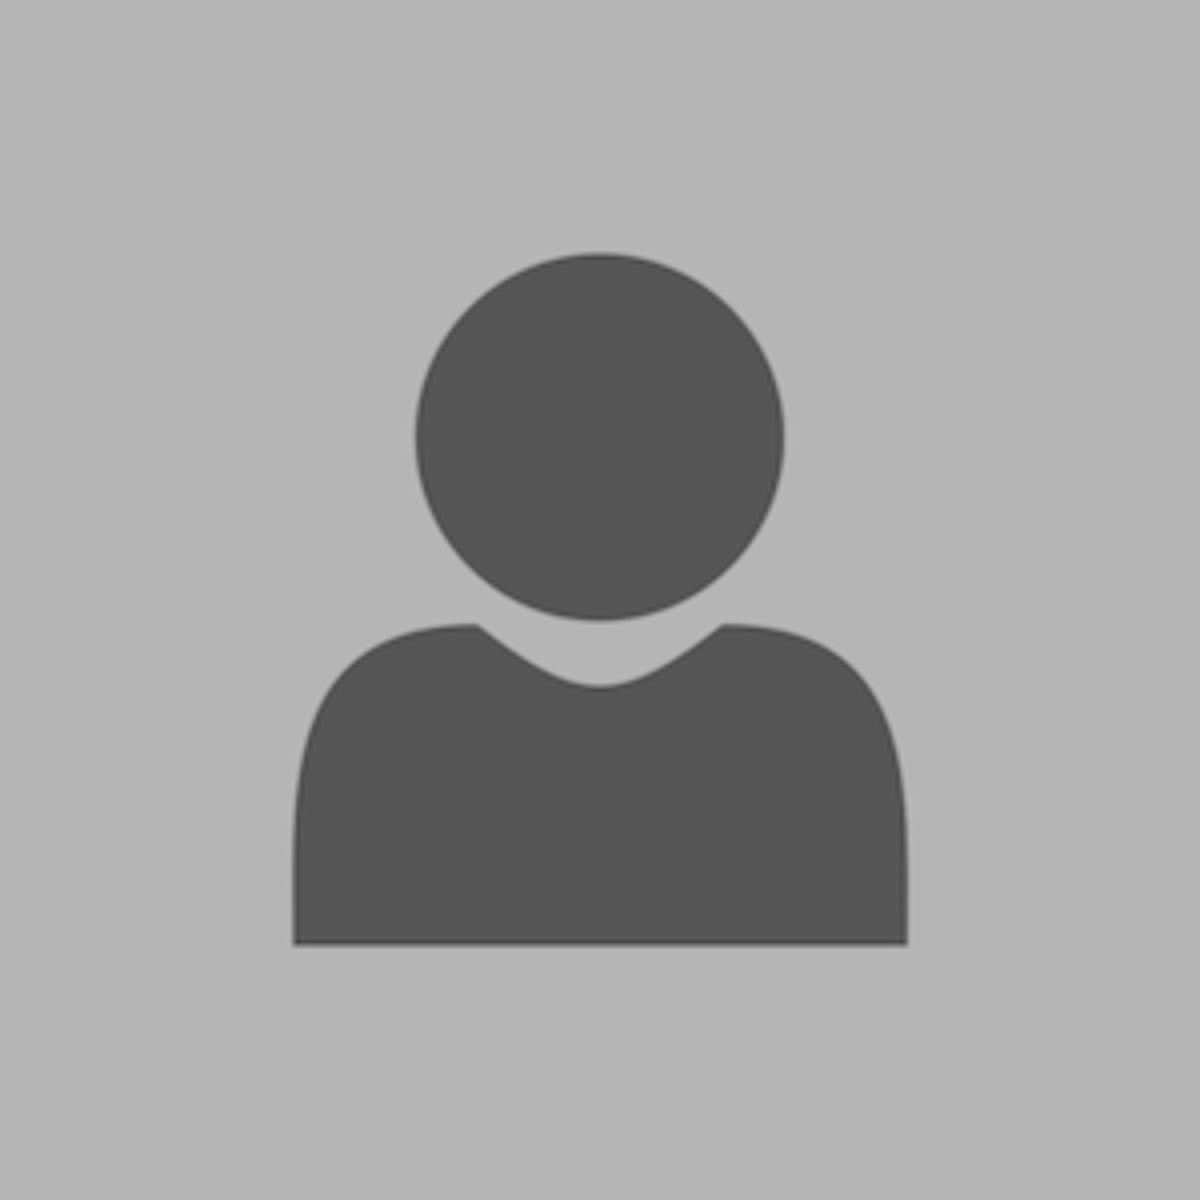 Mnsn76c3qkggfod1hbvo avatar placeholder